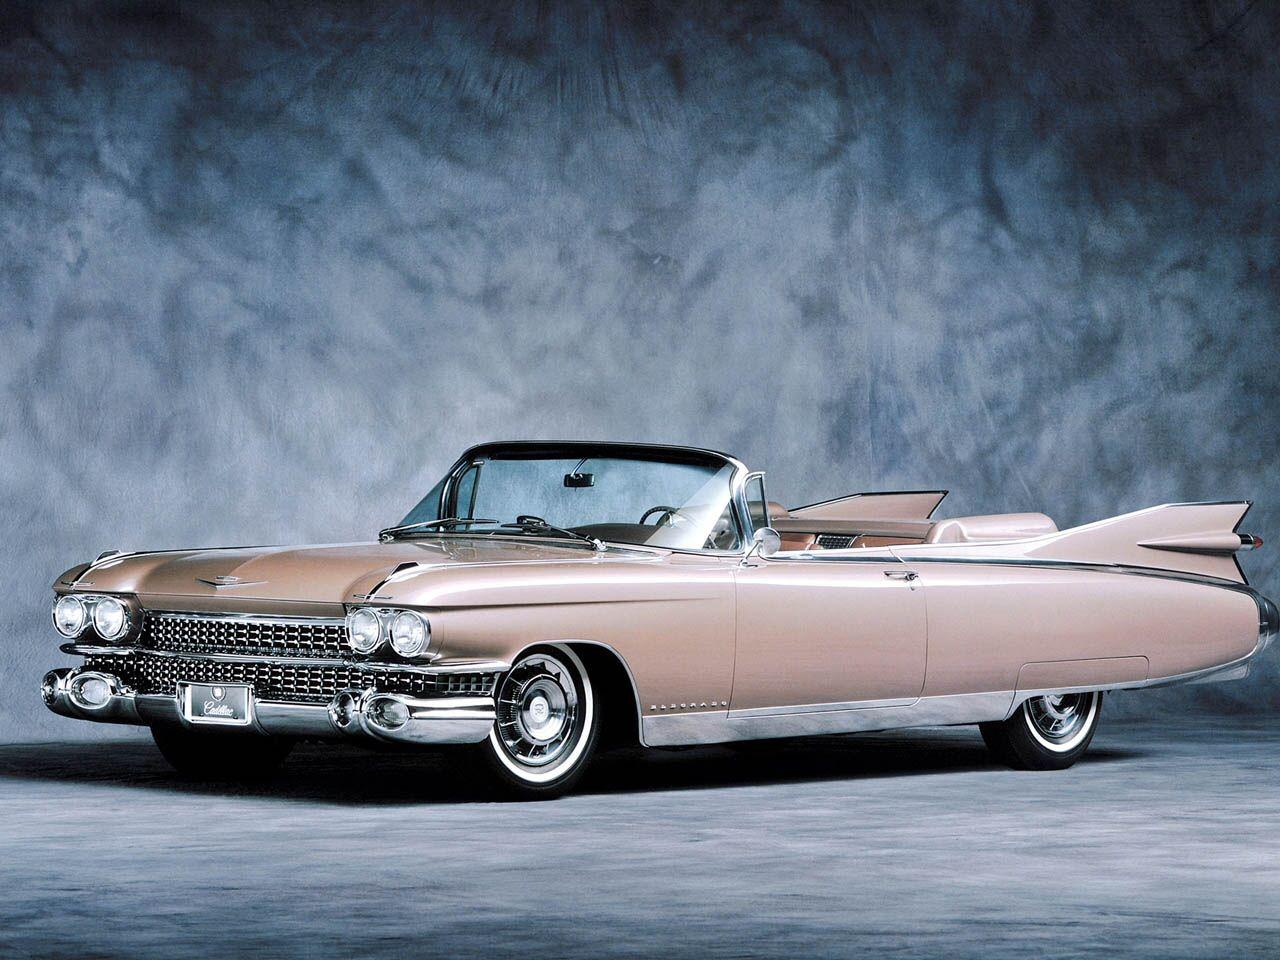 1959 Caddy.